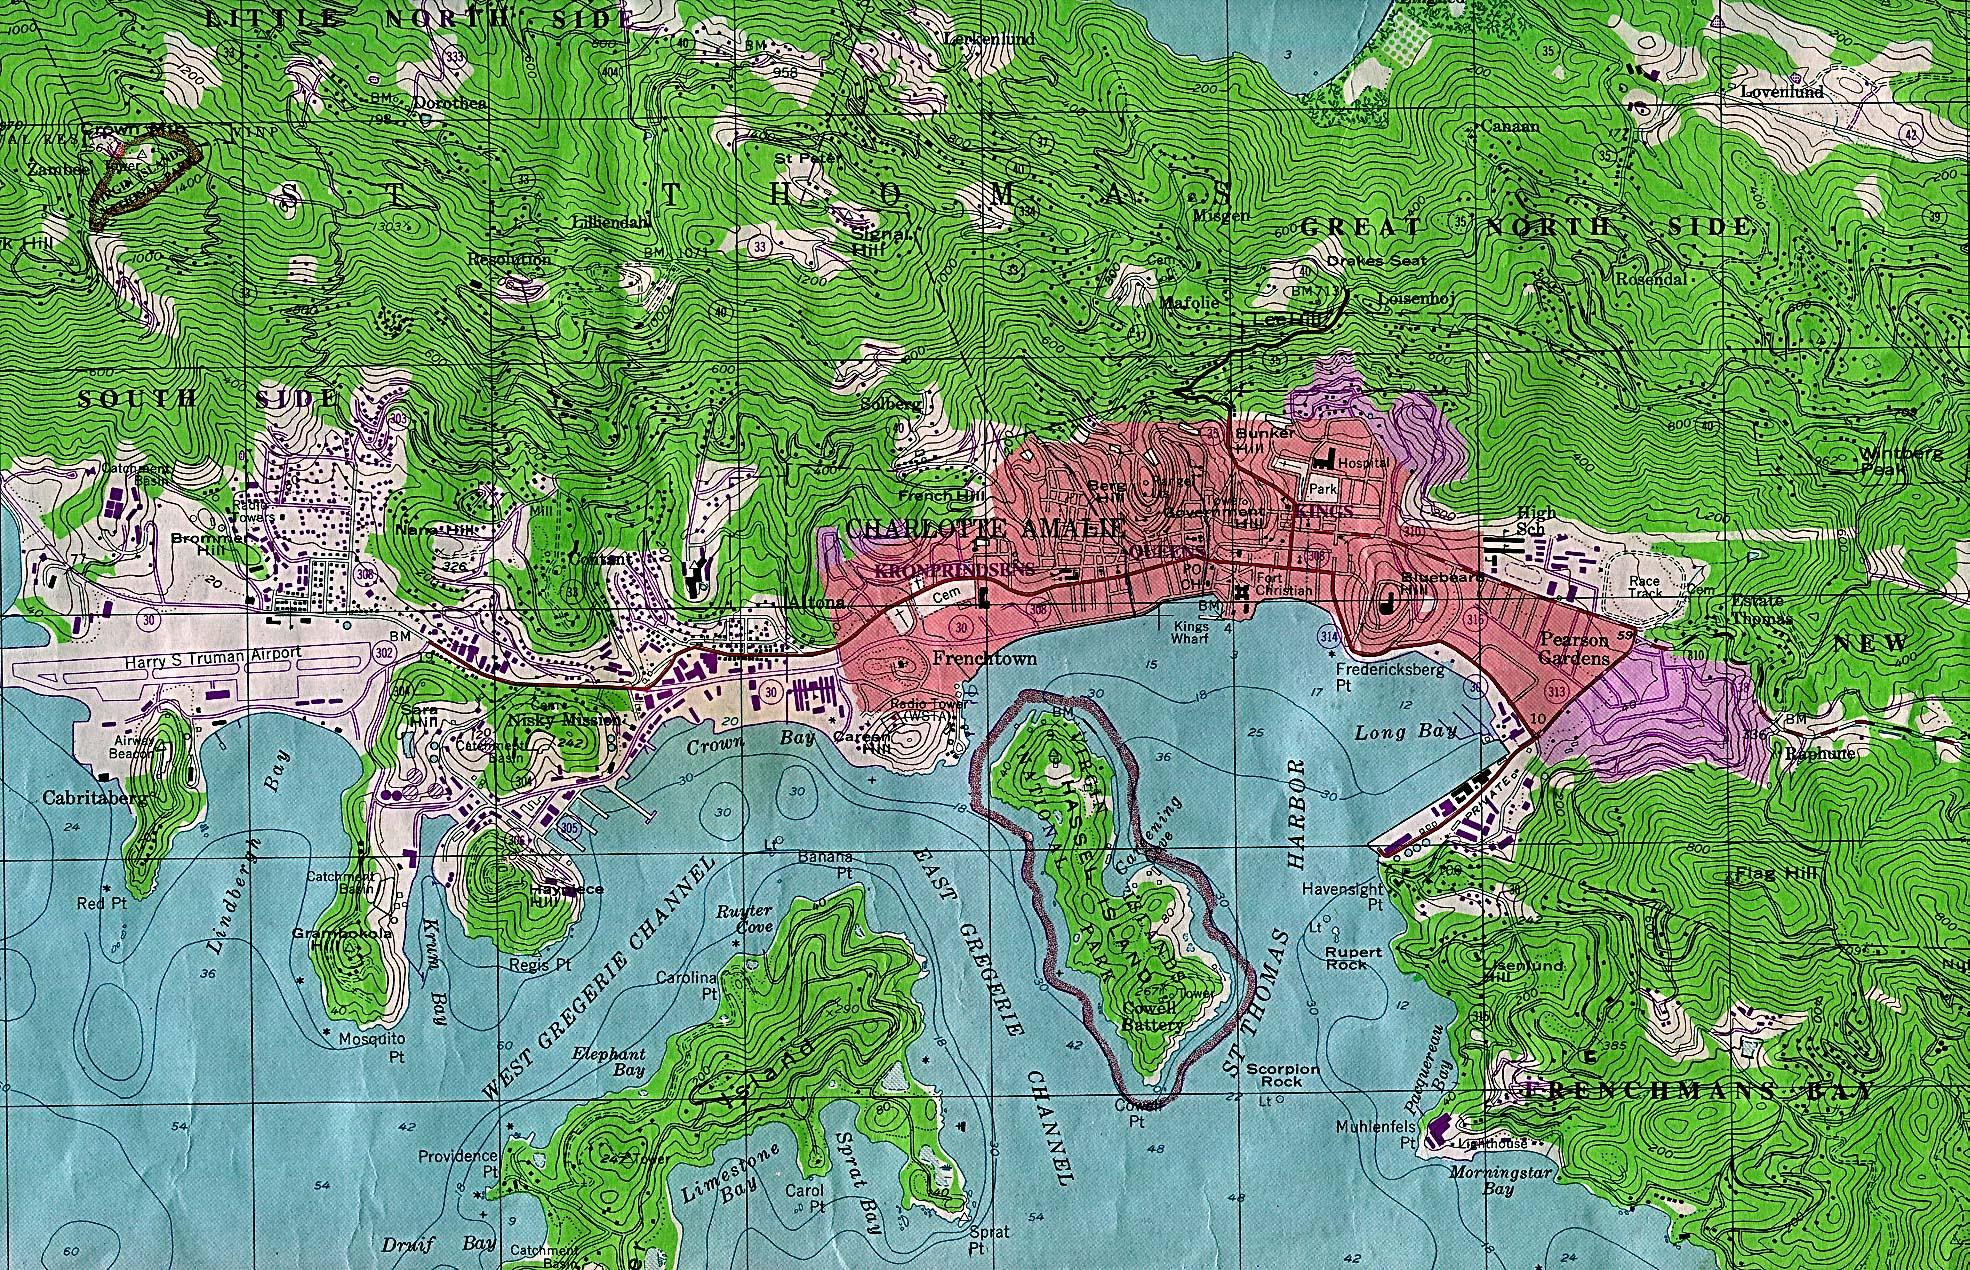 Mapa de la Ciudad de Charlotte Amalie, Islas Vírgenes de los Estados Unidos